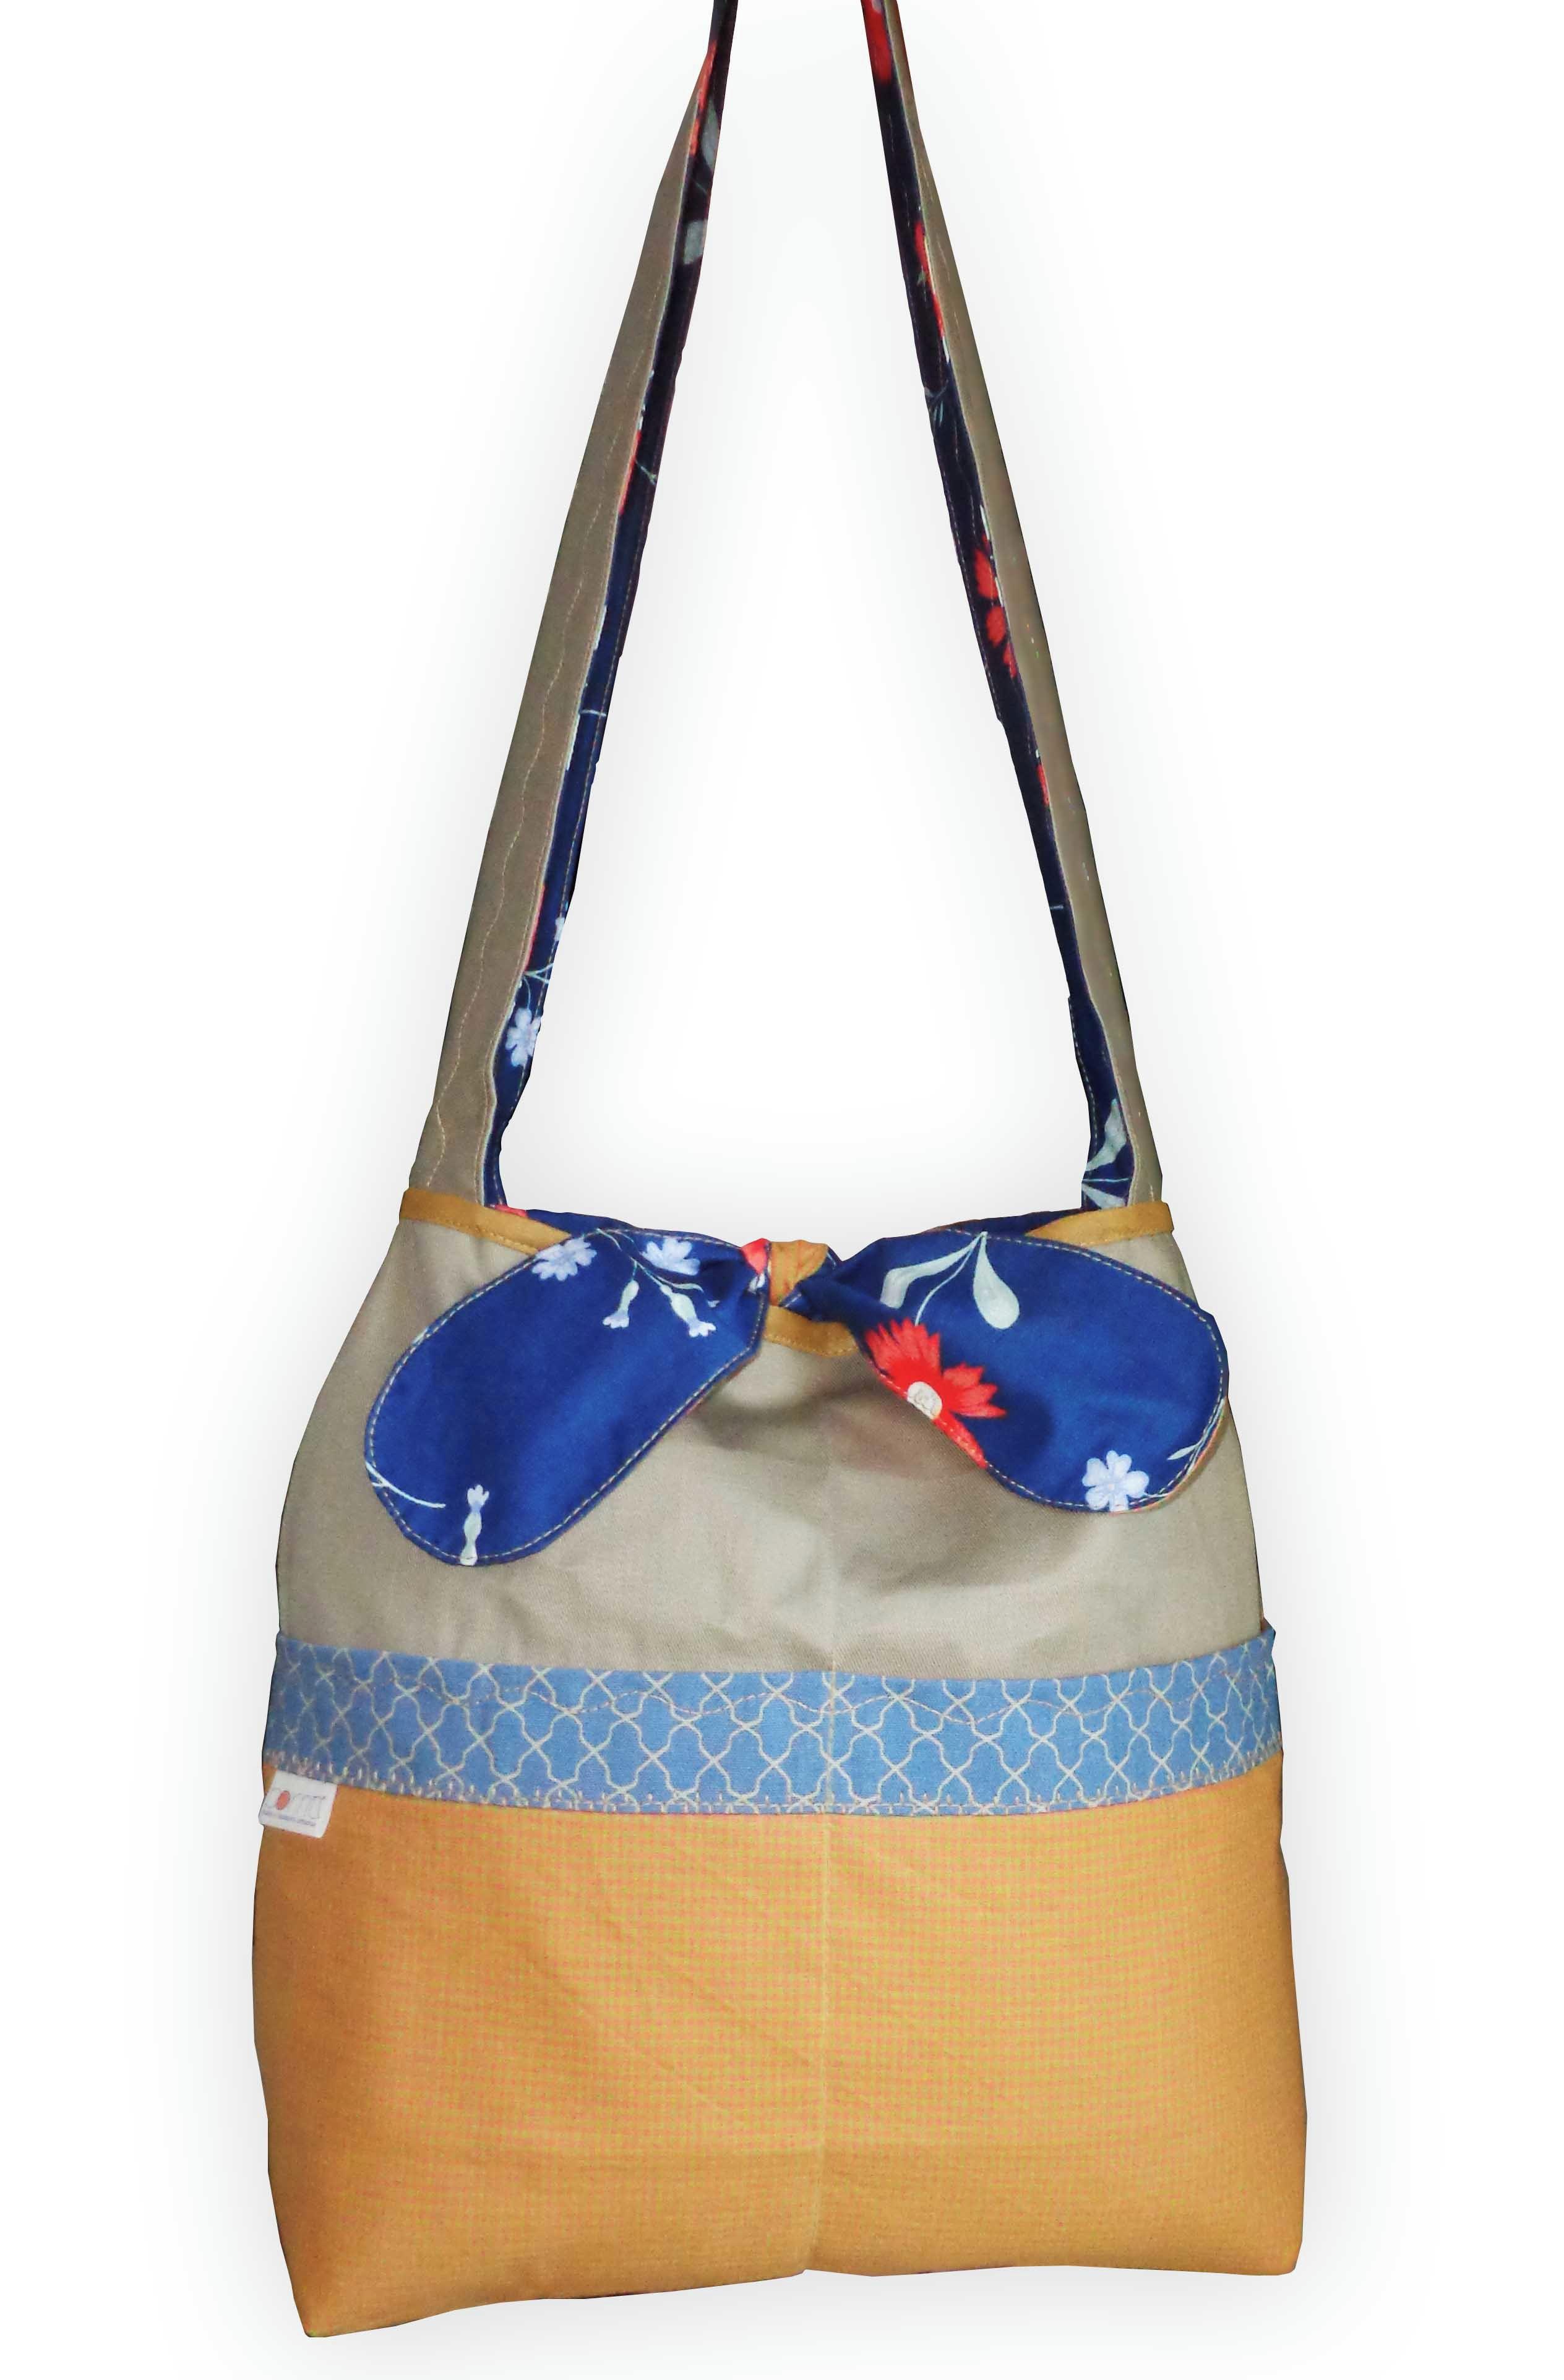 5599f0bc9 Bolsa Paineira - dupla face no Elo7 | Borná bolsas e acessórios artesanais  (D1F033)